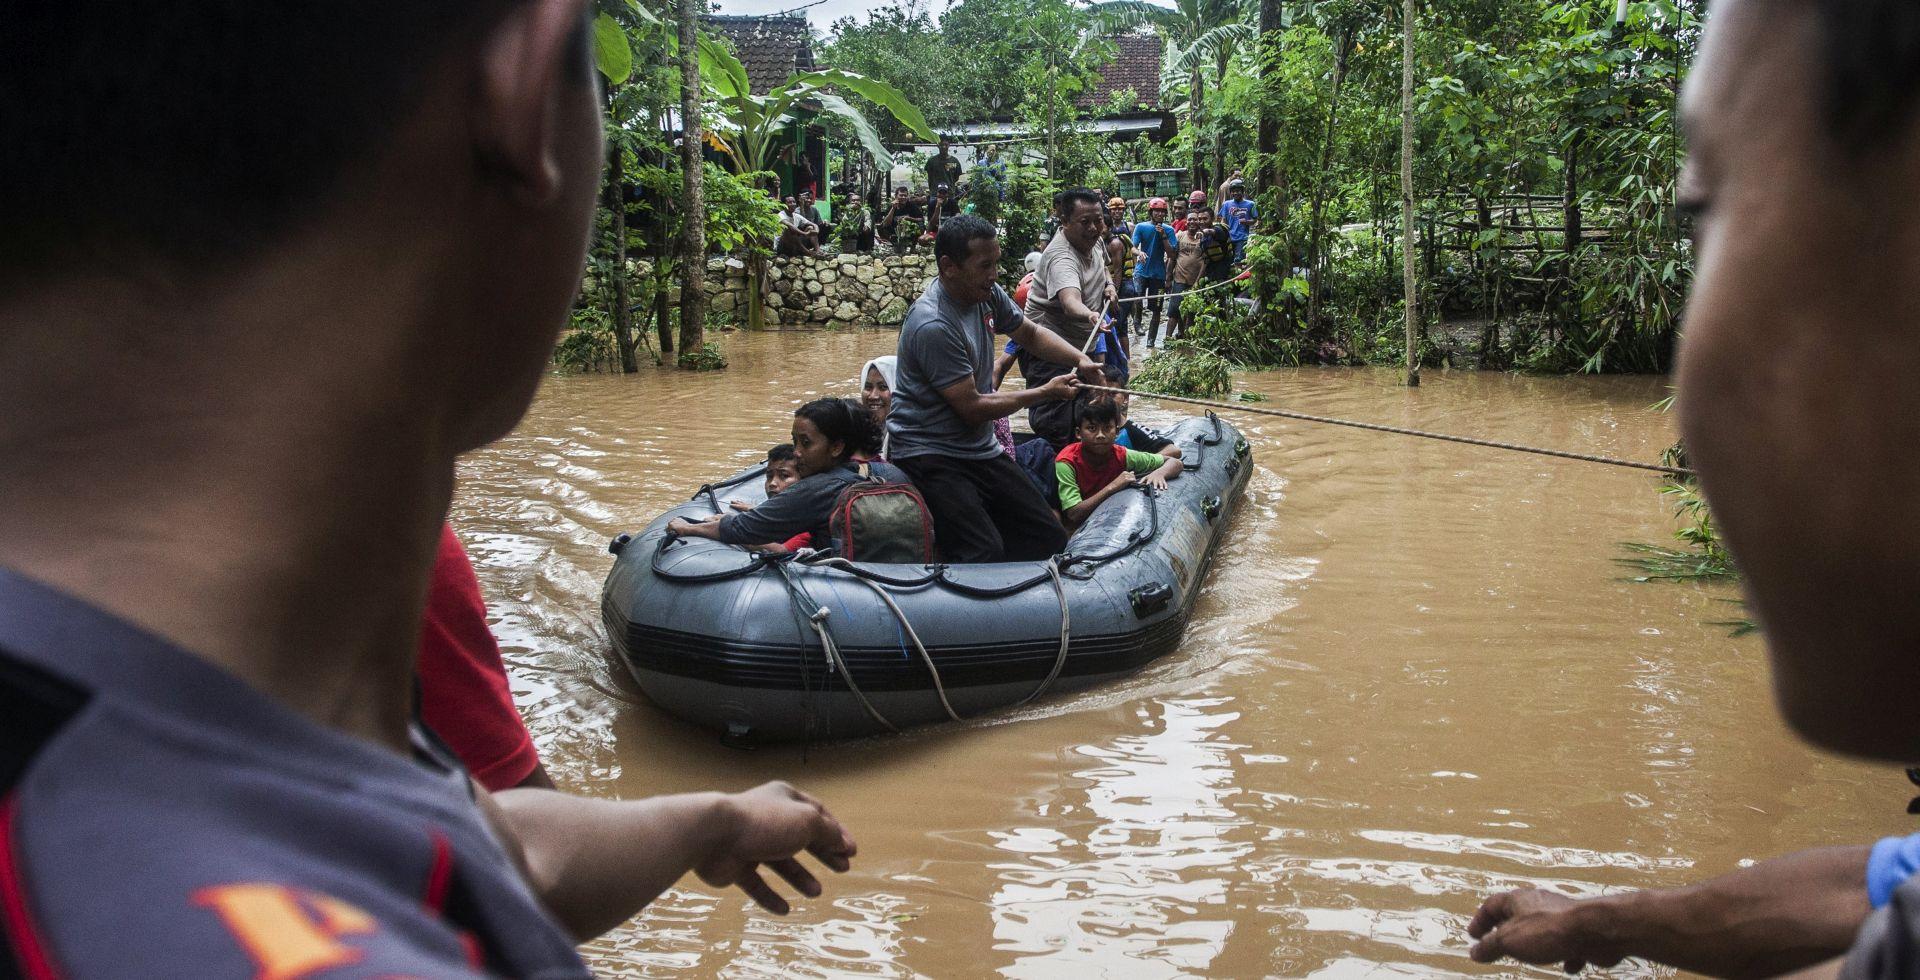 Broj žrtava u tropskoj oluji u Indoneziji popeo se na 41